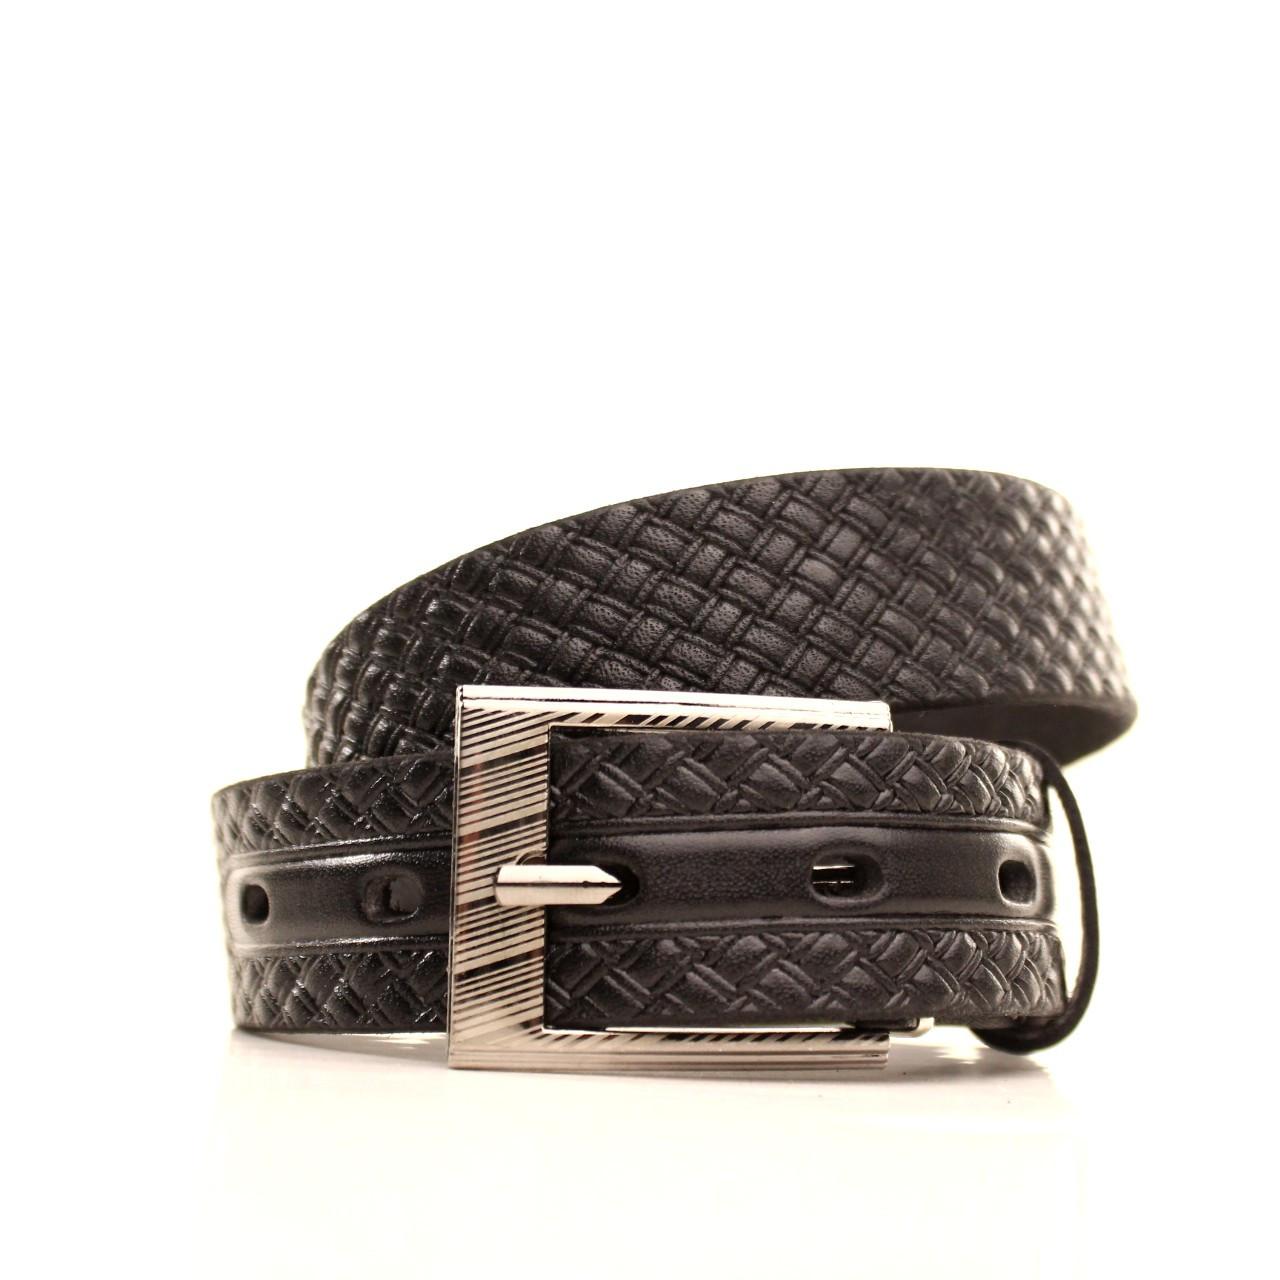 Ремень кожаный Lazar 60-70 см черный l30u3w16